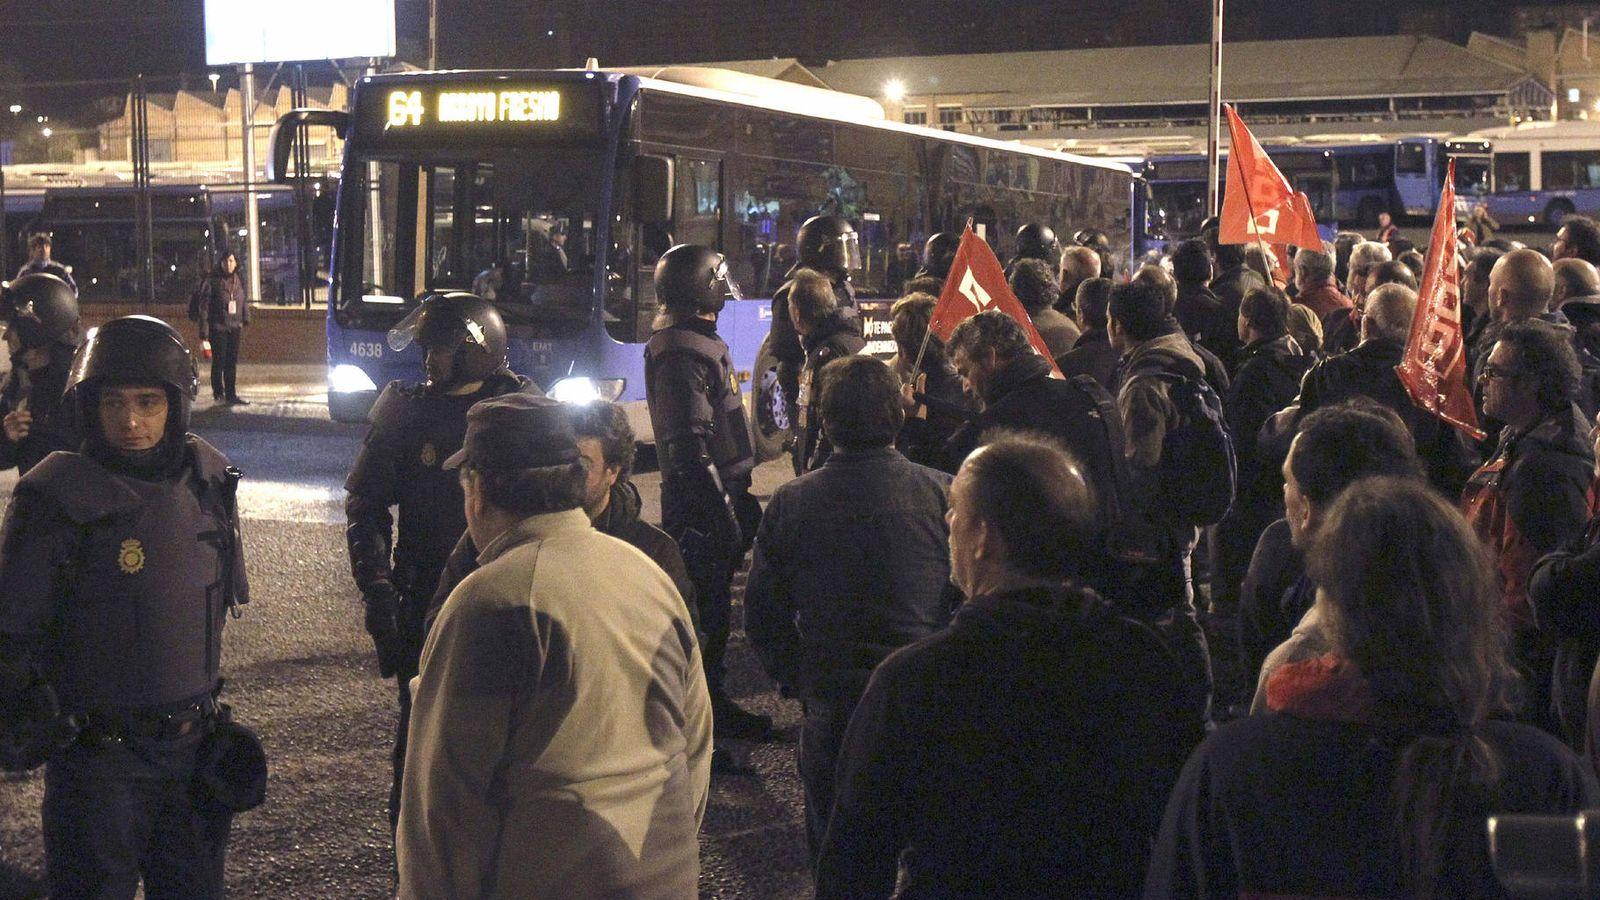 Foto: Efectivos de la Policía y piquetes, en las cocheras de la EMT en el barrio de Fuencarral durante la huelga general del 29 de marzo de 2012. (EFE)